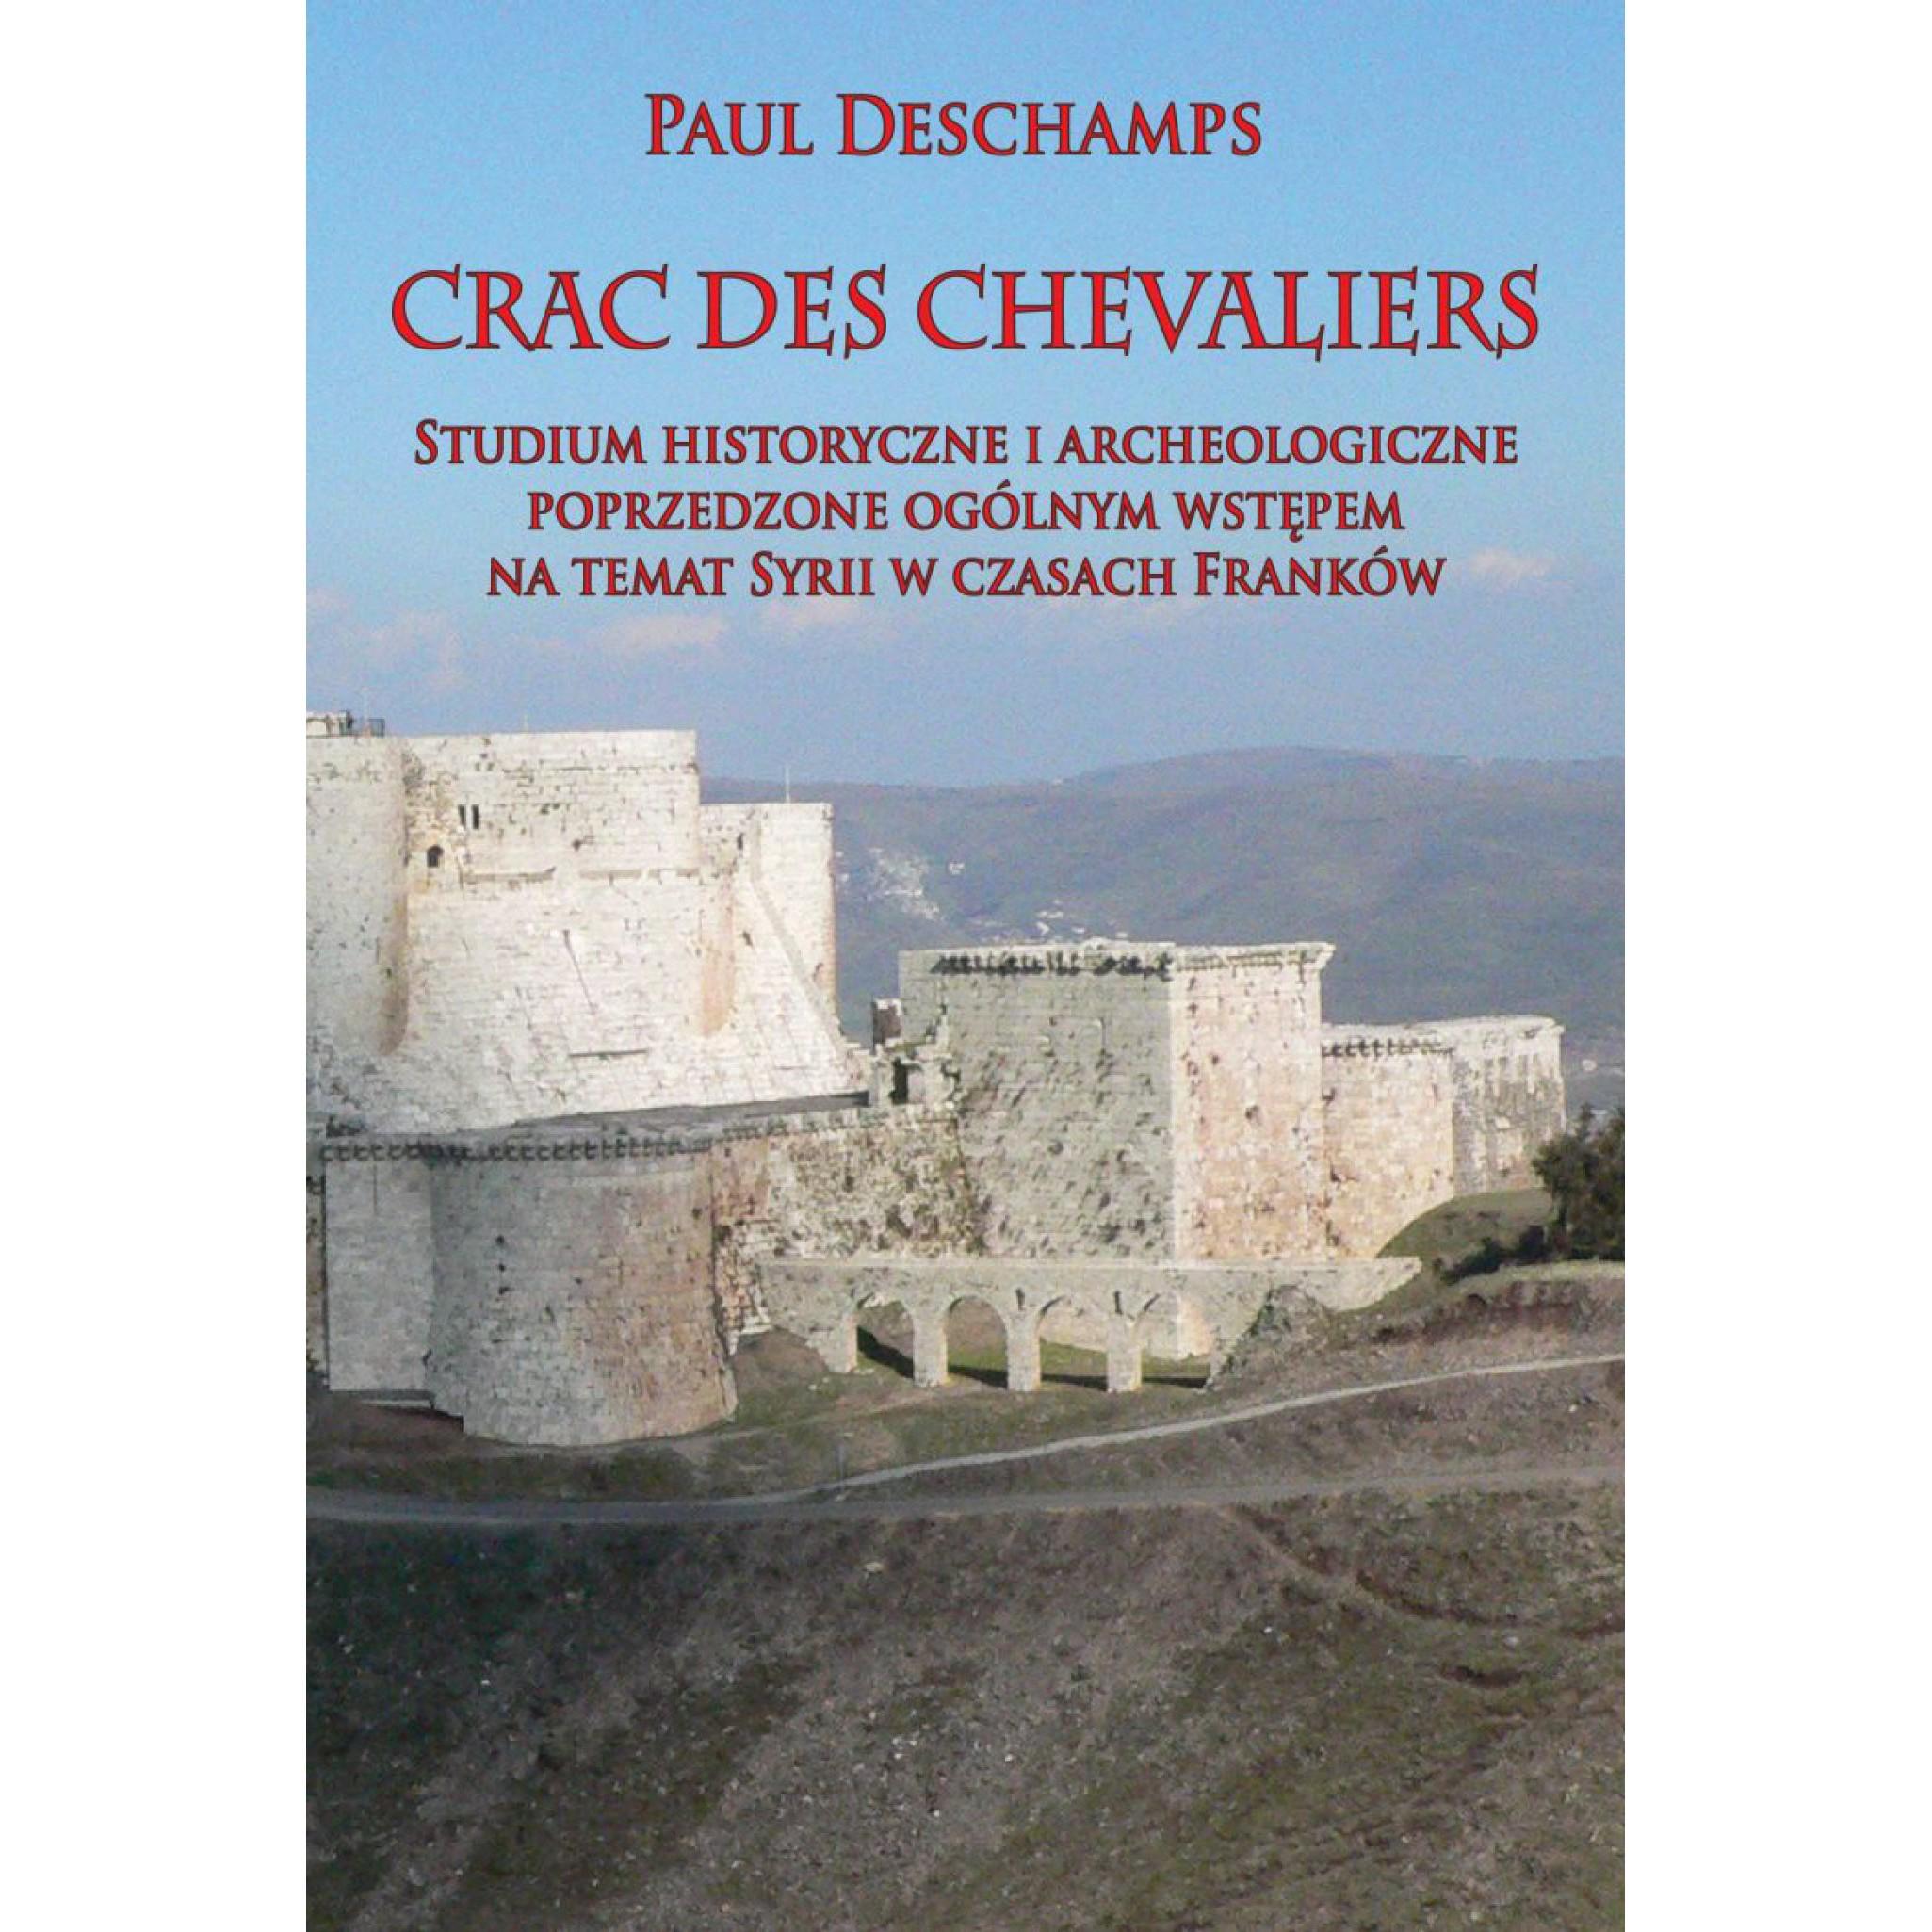 Crac des Chevaliers: Studium historyczne i archeologiczne poprzedzone ogólnym wstępem na temat Syrii w czasach Franków - Outlet